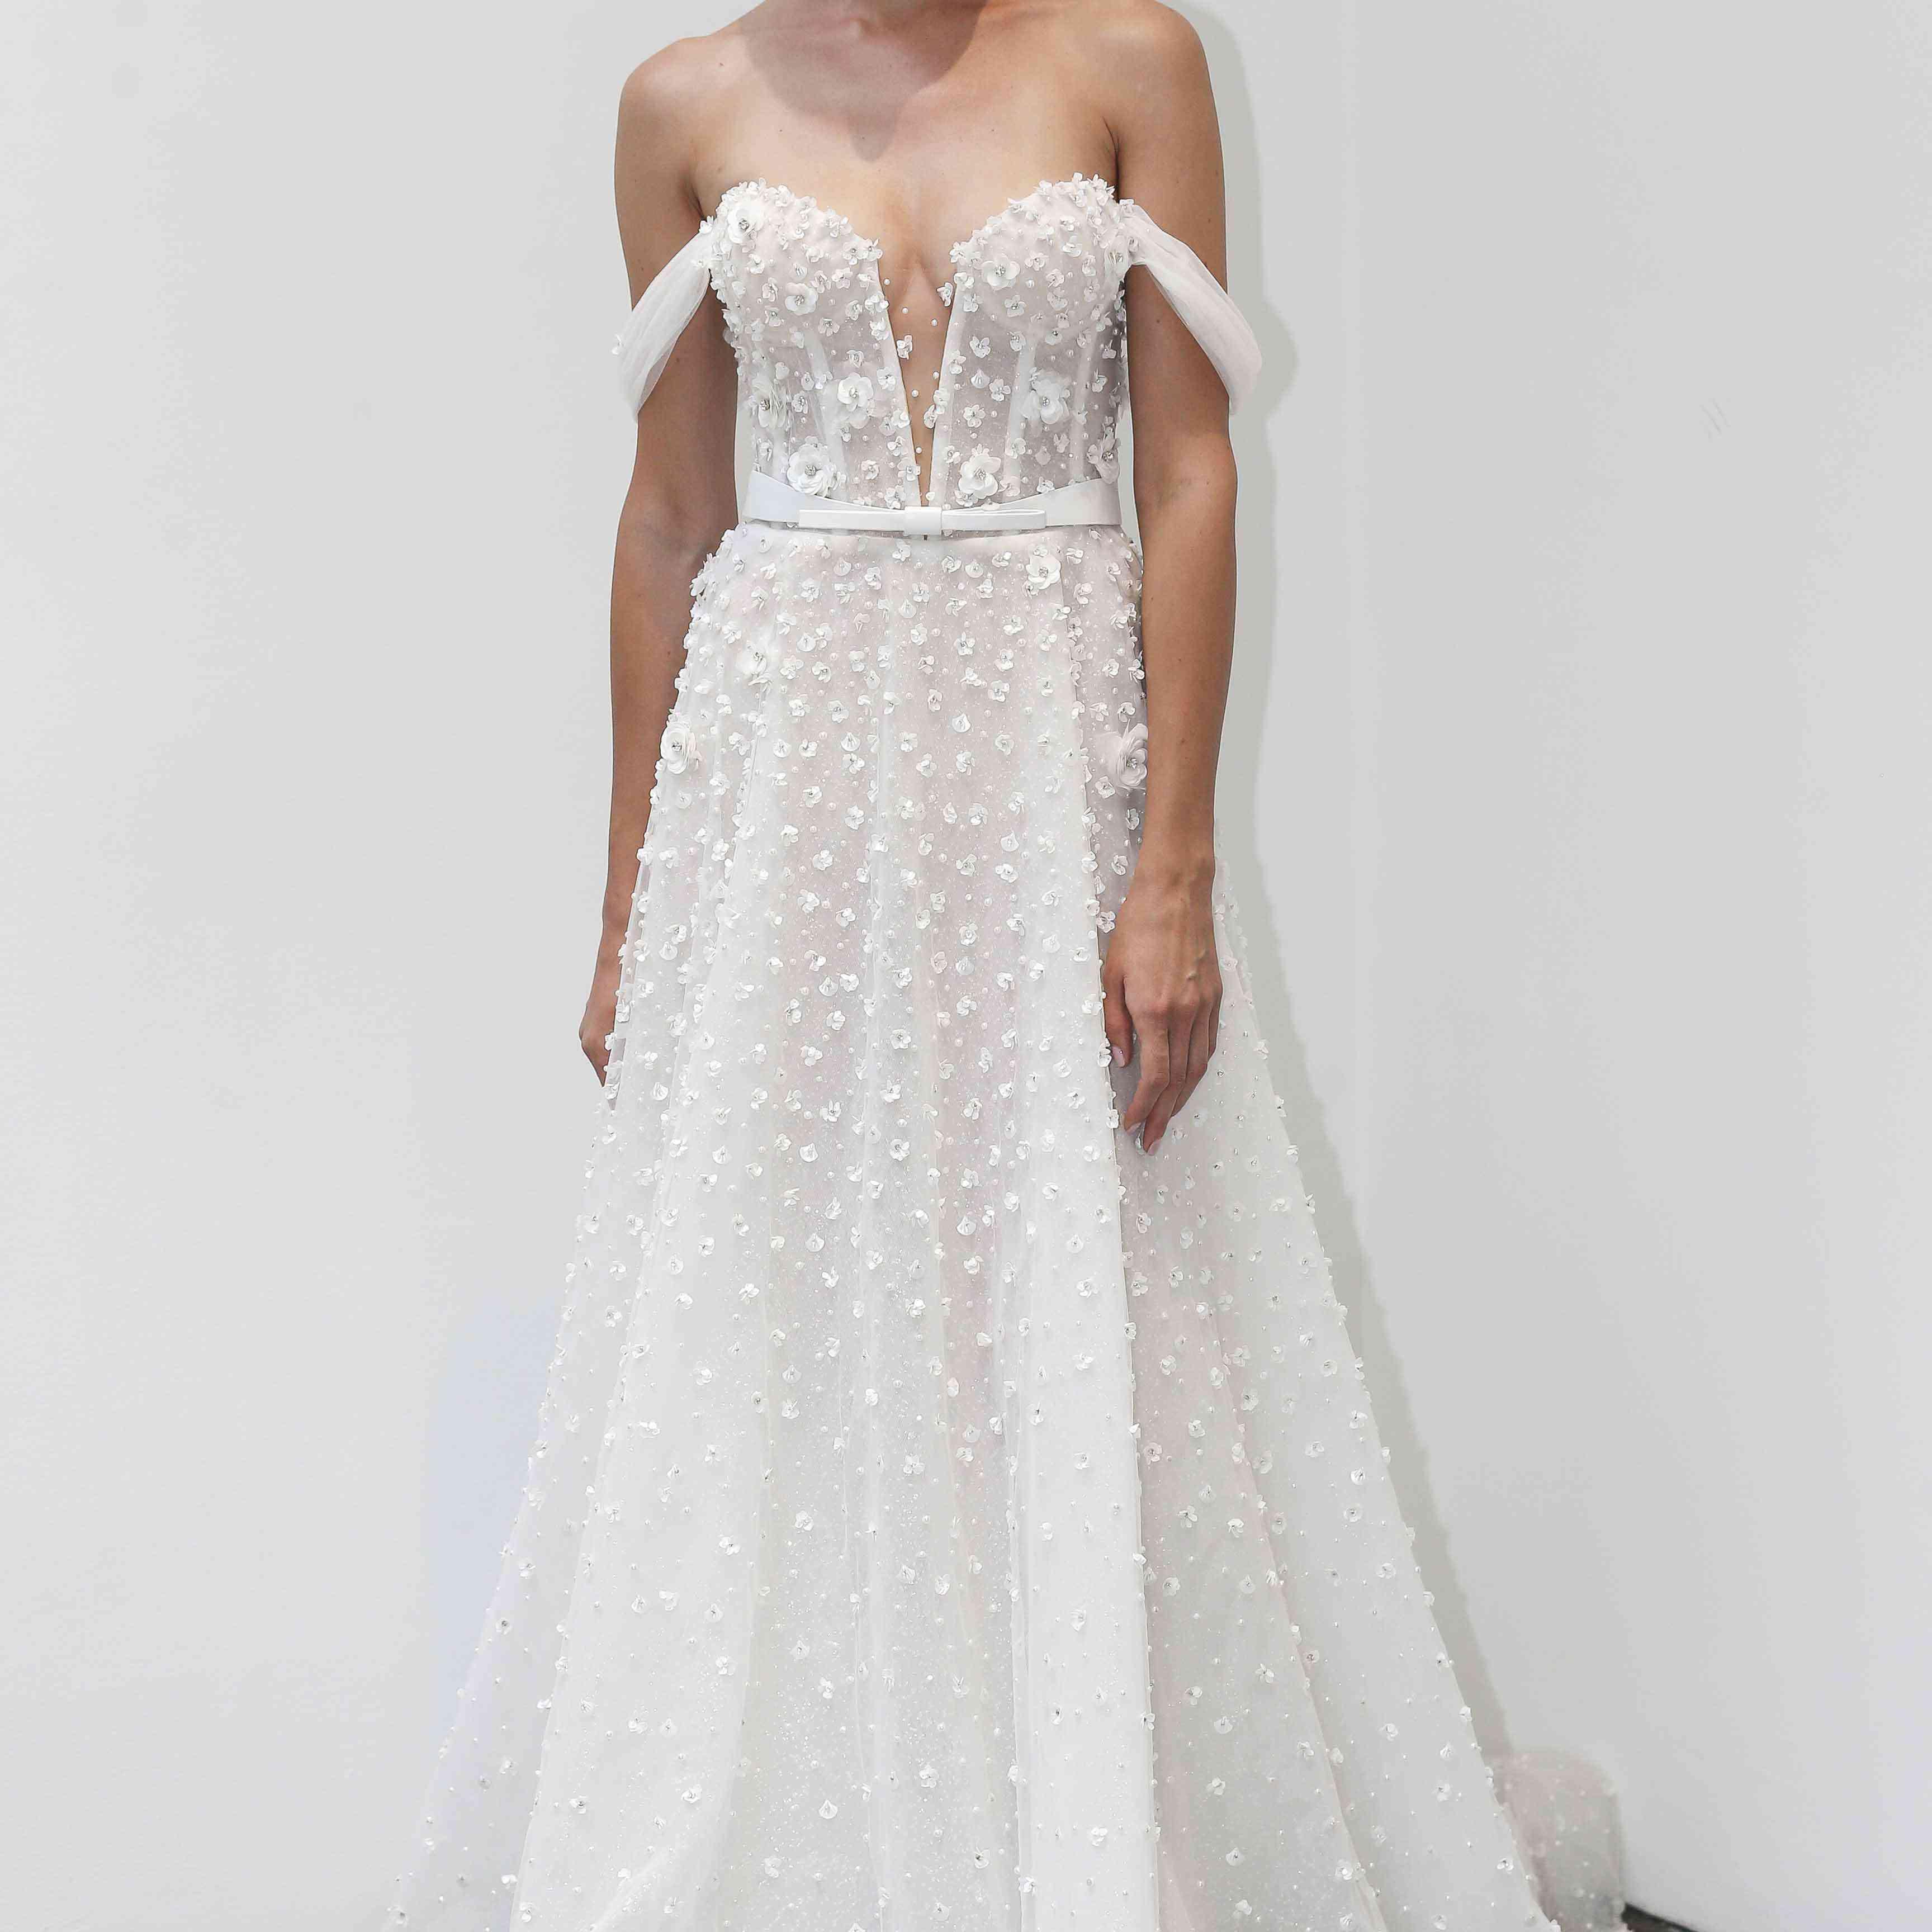 Noelle off-the-shoulder wedding dress